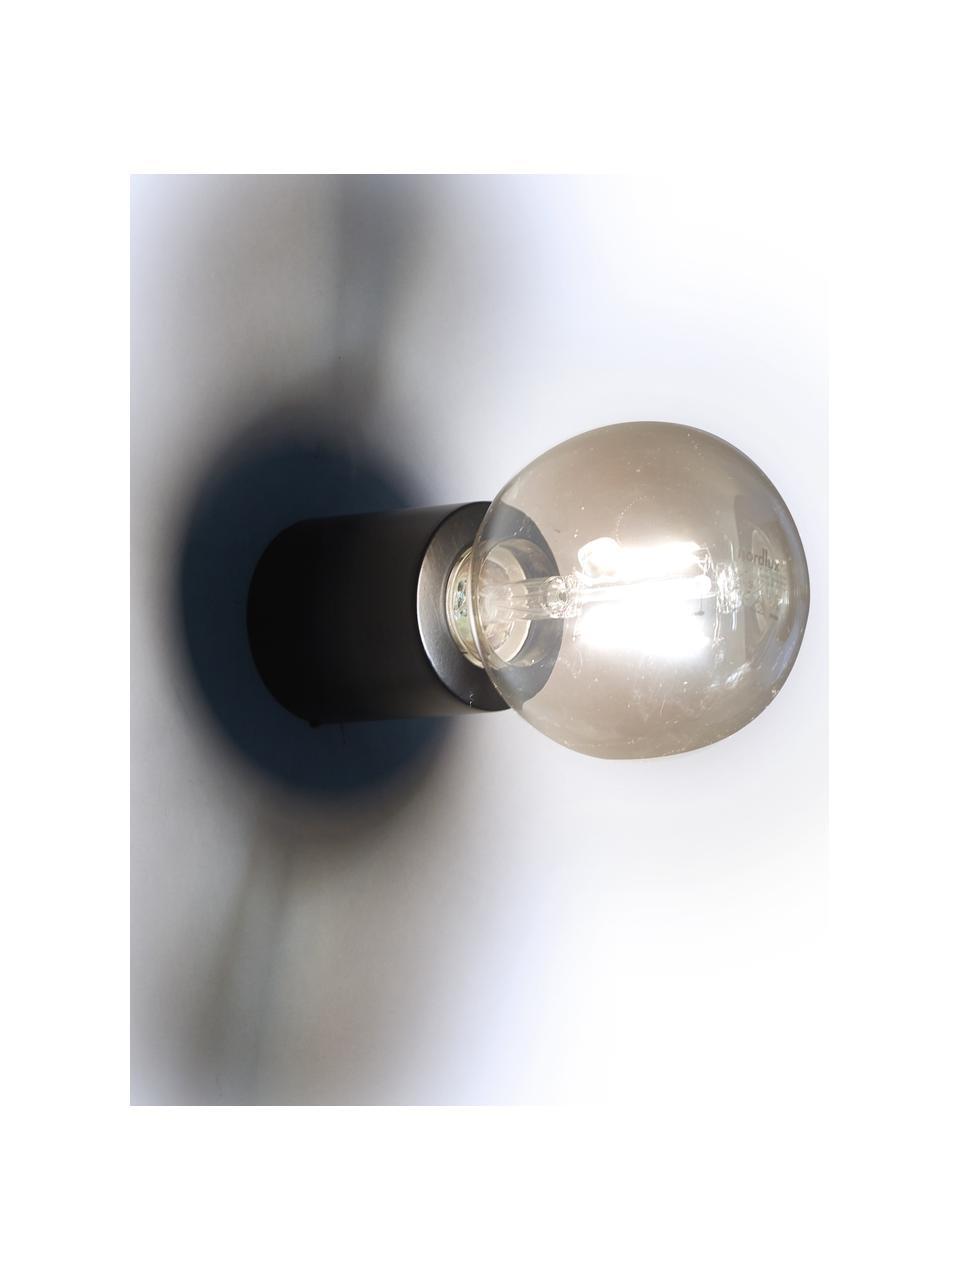 Lampada da parete o soffitto Chanty, Lampada: metallo verniciato a polv, Nero opaco, Ø 6  x Prof. 7 cm